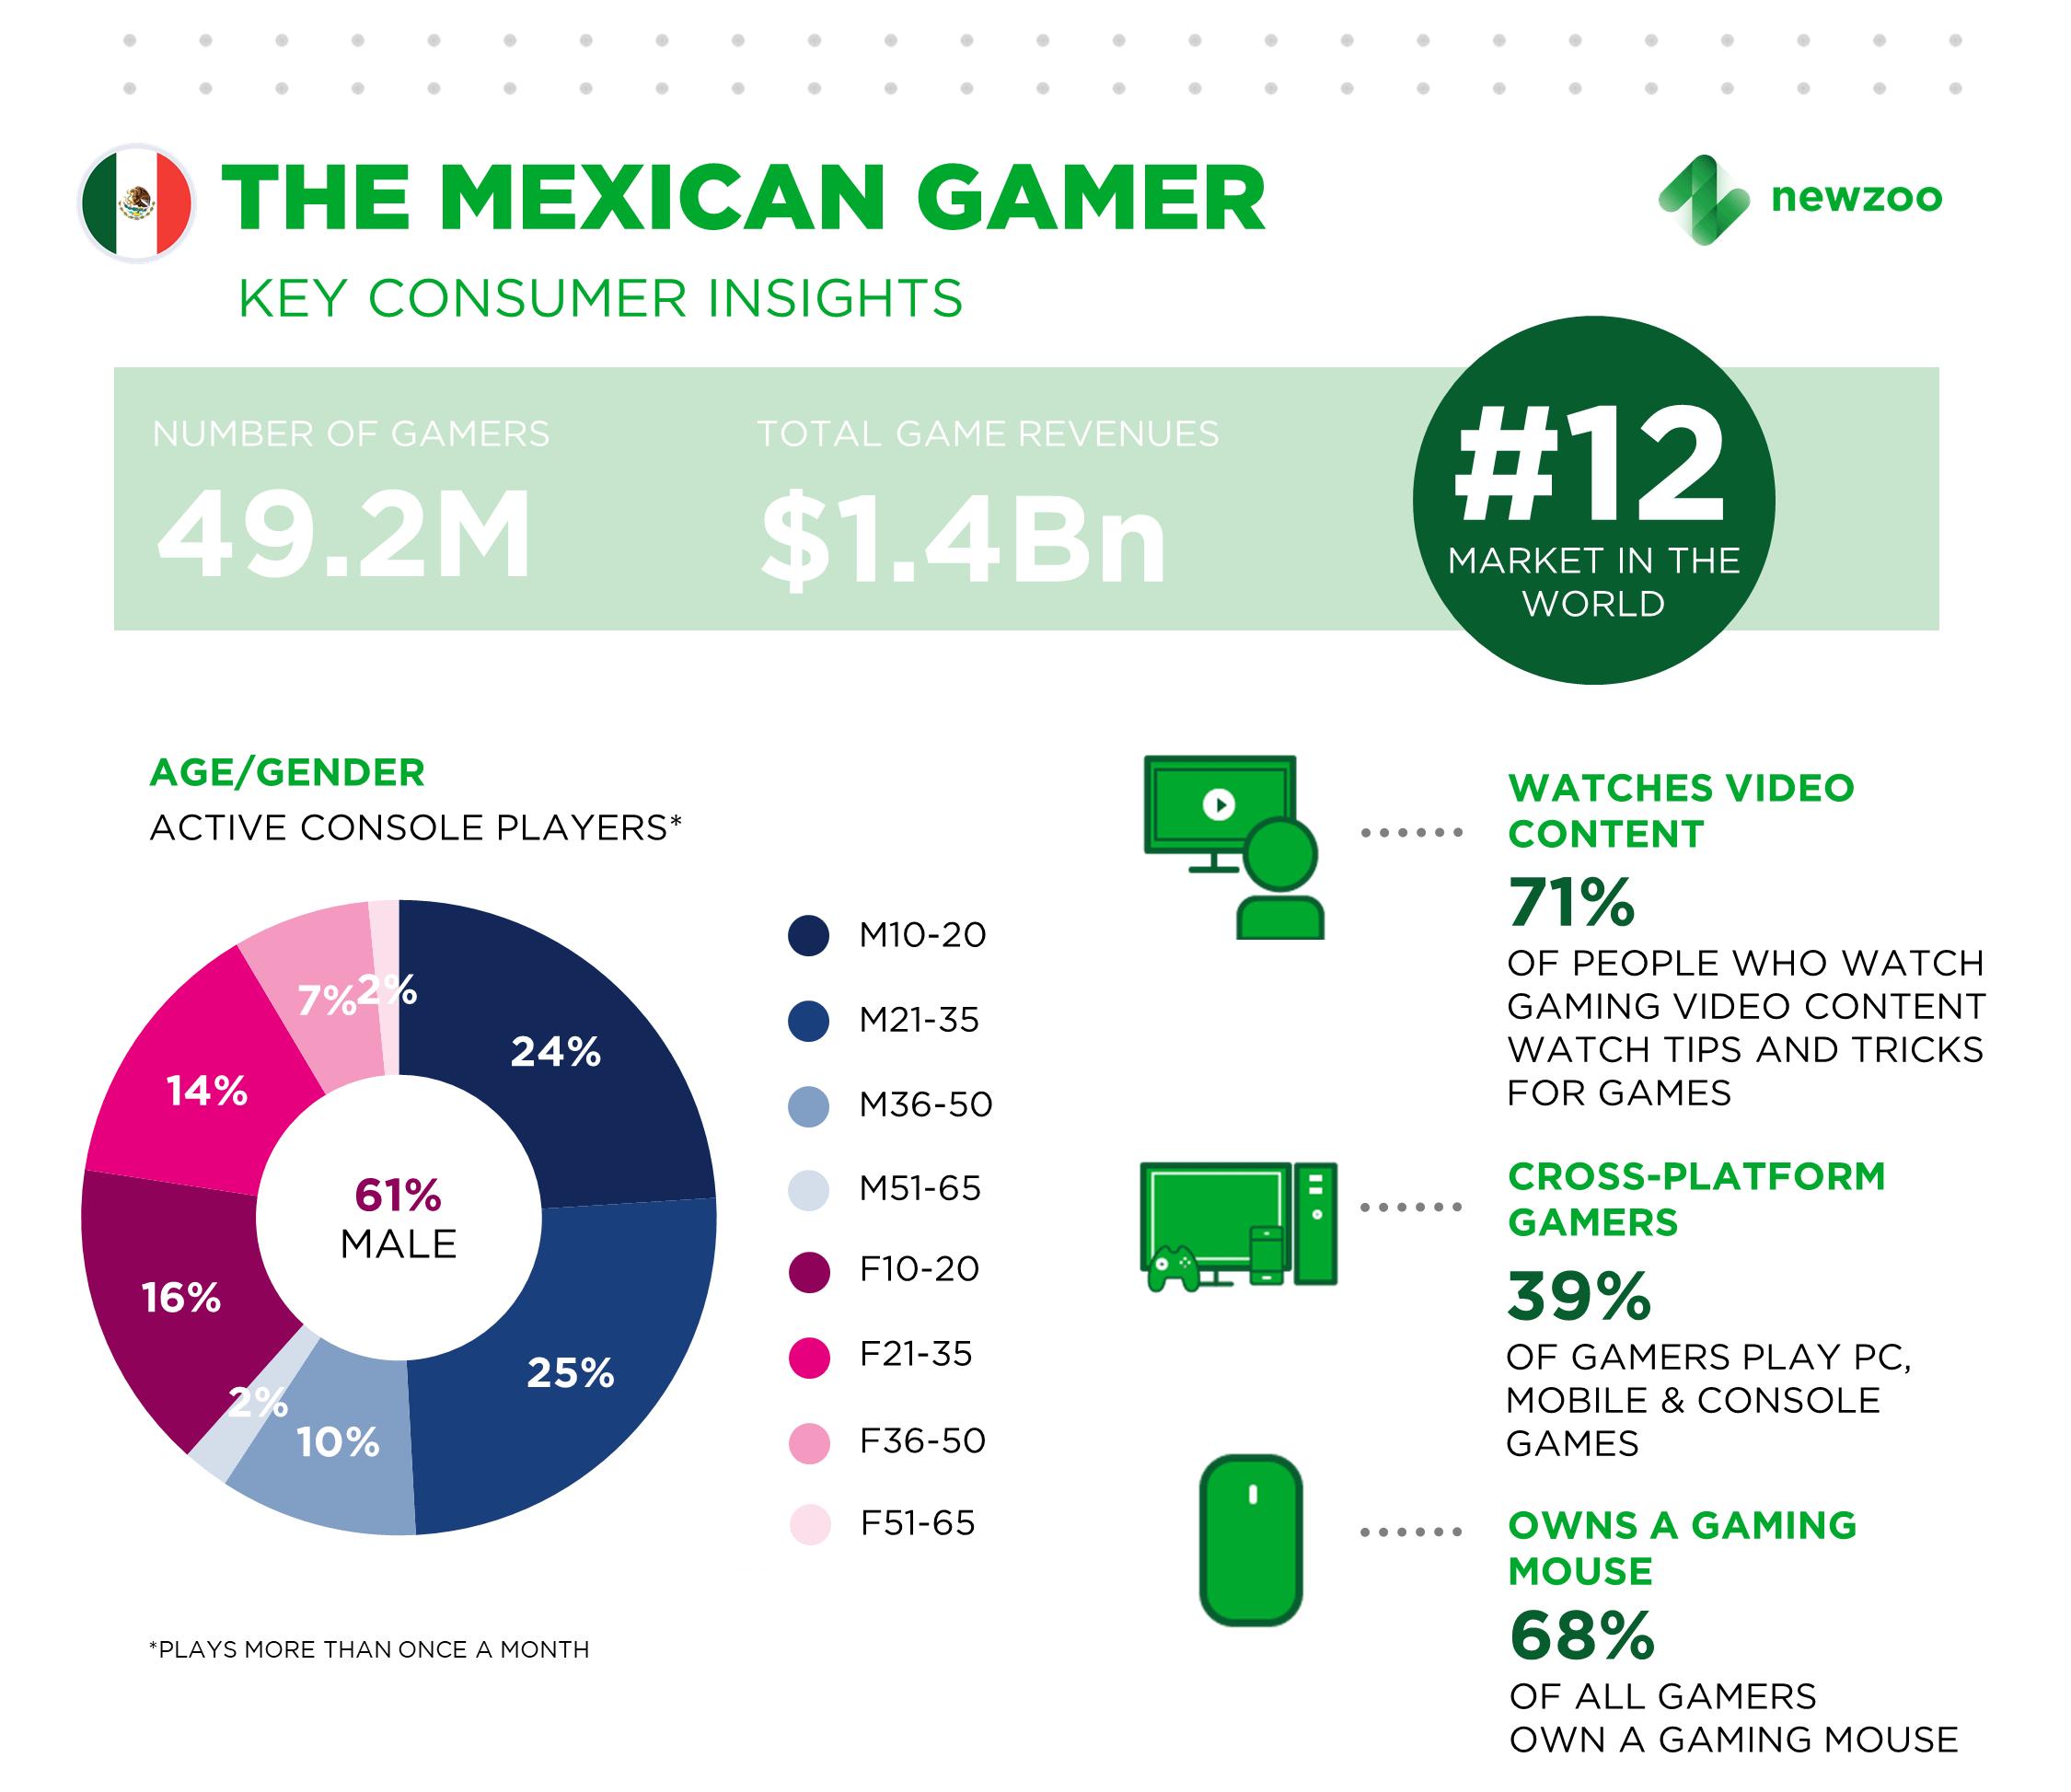 - En Mexico 49.2 millones de gamers gastaron aproximadamente $1.4 billones de dólares en 2017, haciendo a México el mercado #12 más grande en el mundo.